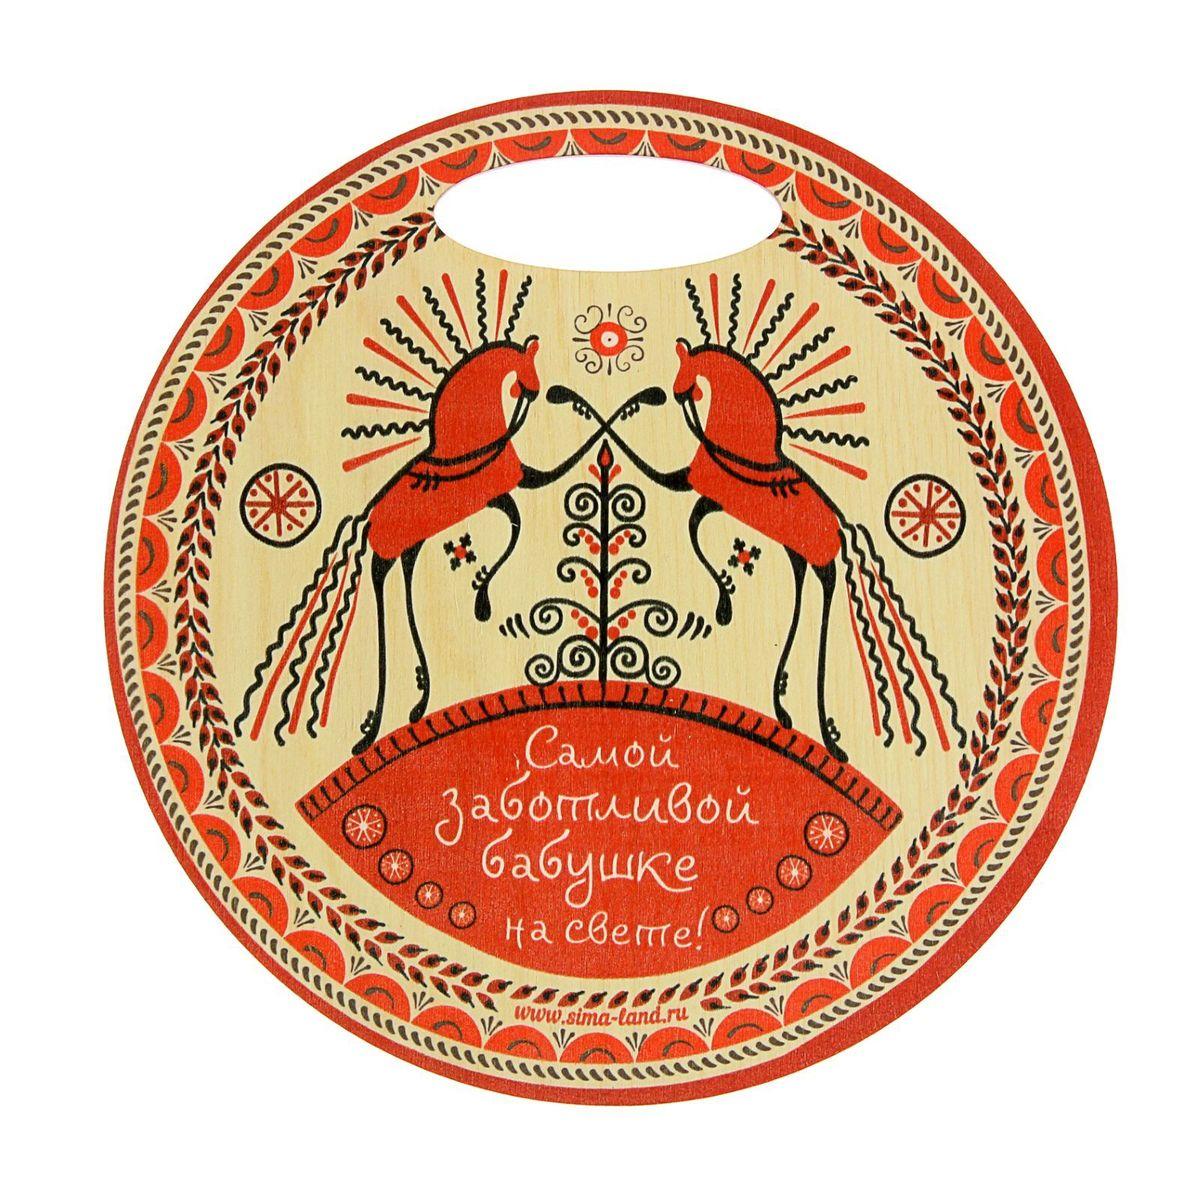 Доска разделочная Sima-land Бабушке, диаметр 24 смFS-91909Разделочная доска Sima-land Бабушке - это один из самых необходимых предметов на кухне, без нее трудно обойтись при приготовлении пищи. Но кроме своей необходимости, она может приносить и эстетическое удовольствие, украшая собой интерьер кухни. Доска из дерева - приятный и функциональный подарок для тех, кто любит готовить.